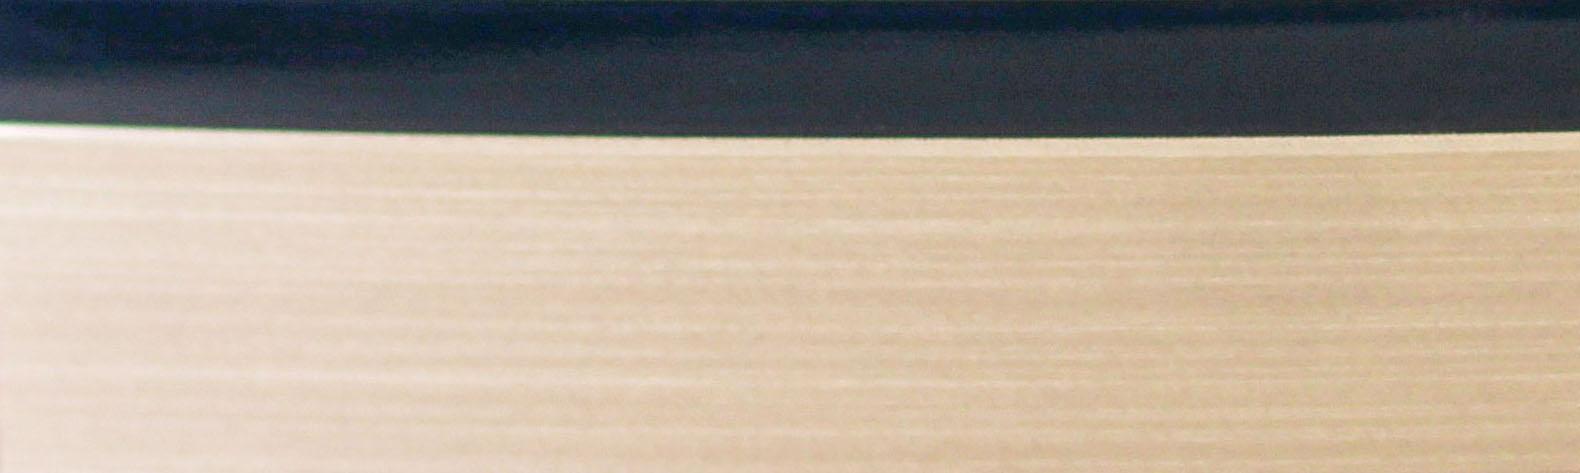 1164696 -  3D  CRYSTAL AZUL  23 x 1 mm